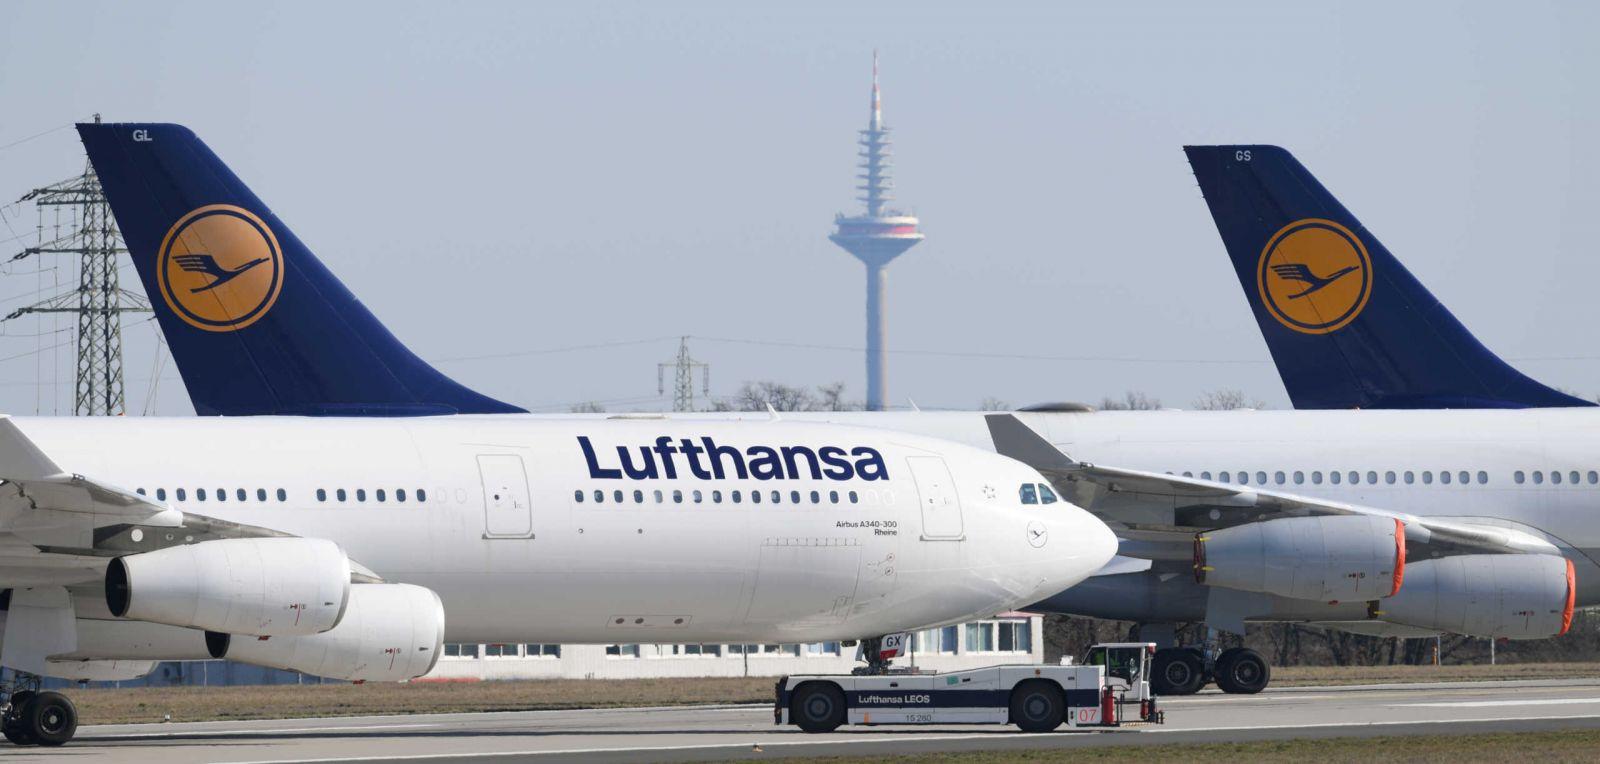 Ανοίγουν τα σύνορα: Πτήσεις από Γερμανία προς Ελλάδα από τις 18 Μαΐου ανακοίνωσε η Lufthansa [Βίντεο]